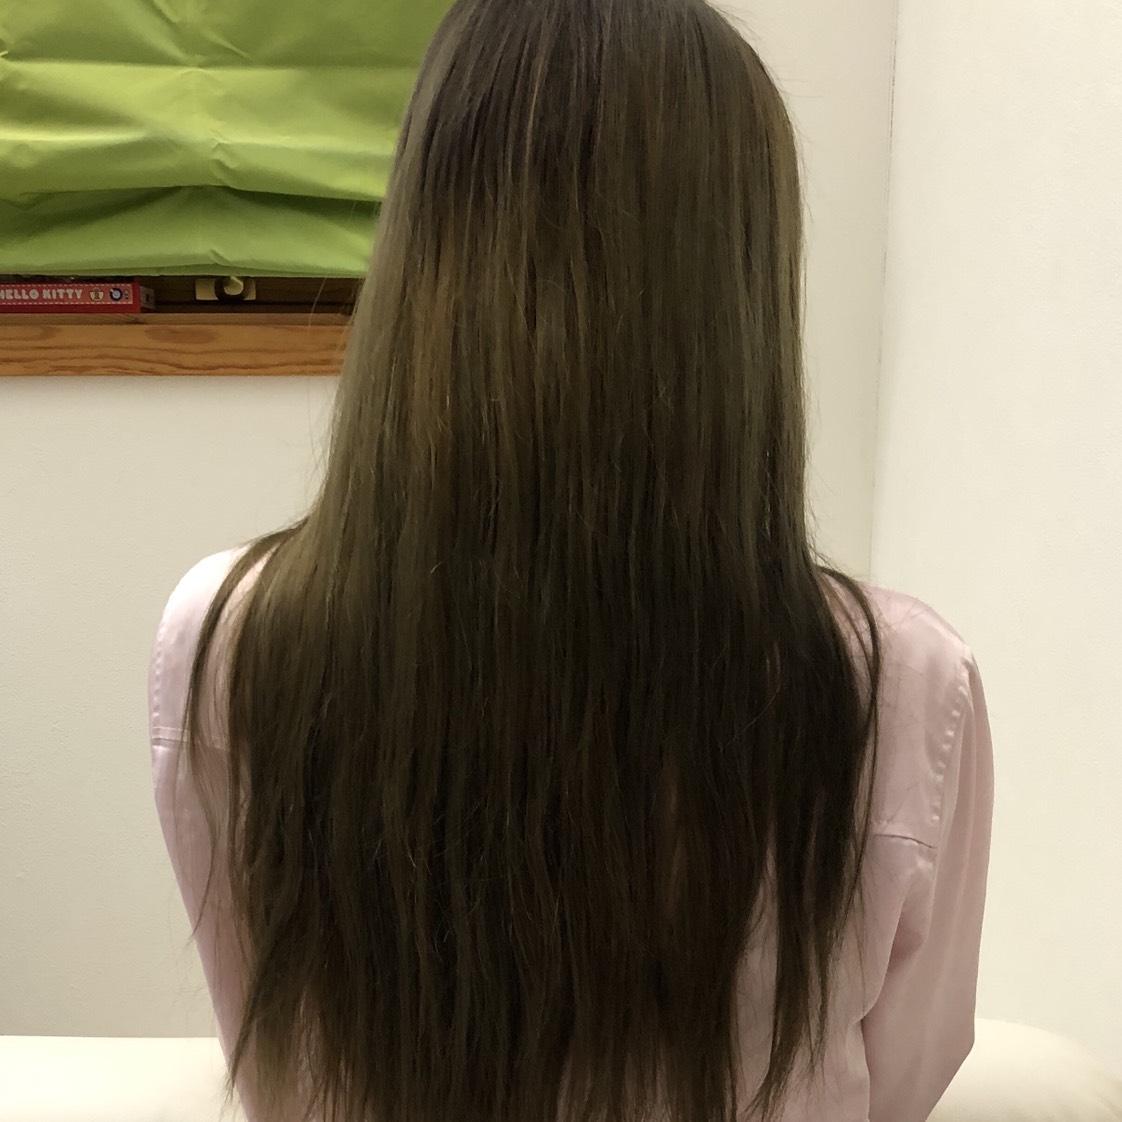 ロレアルパリのヘアオイル?のAfter画像